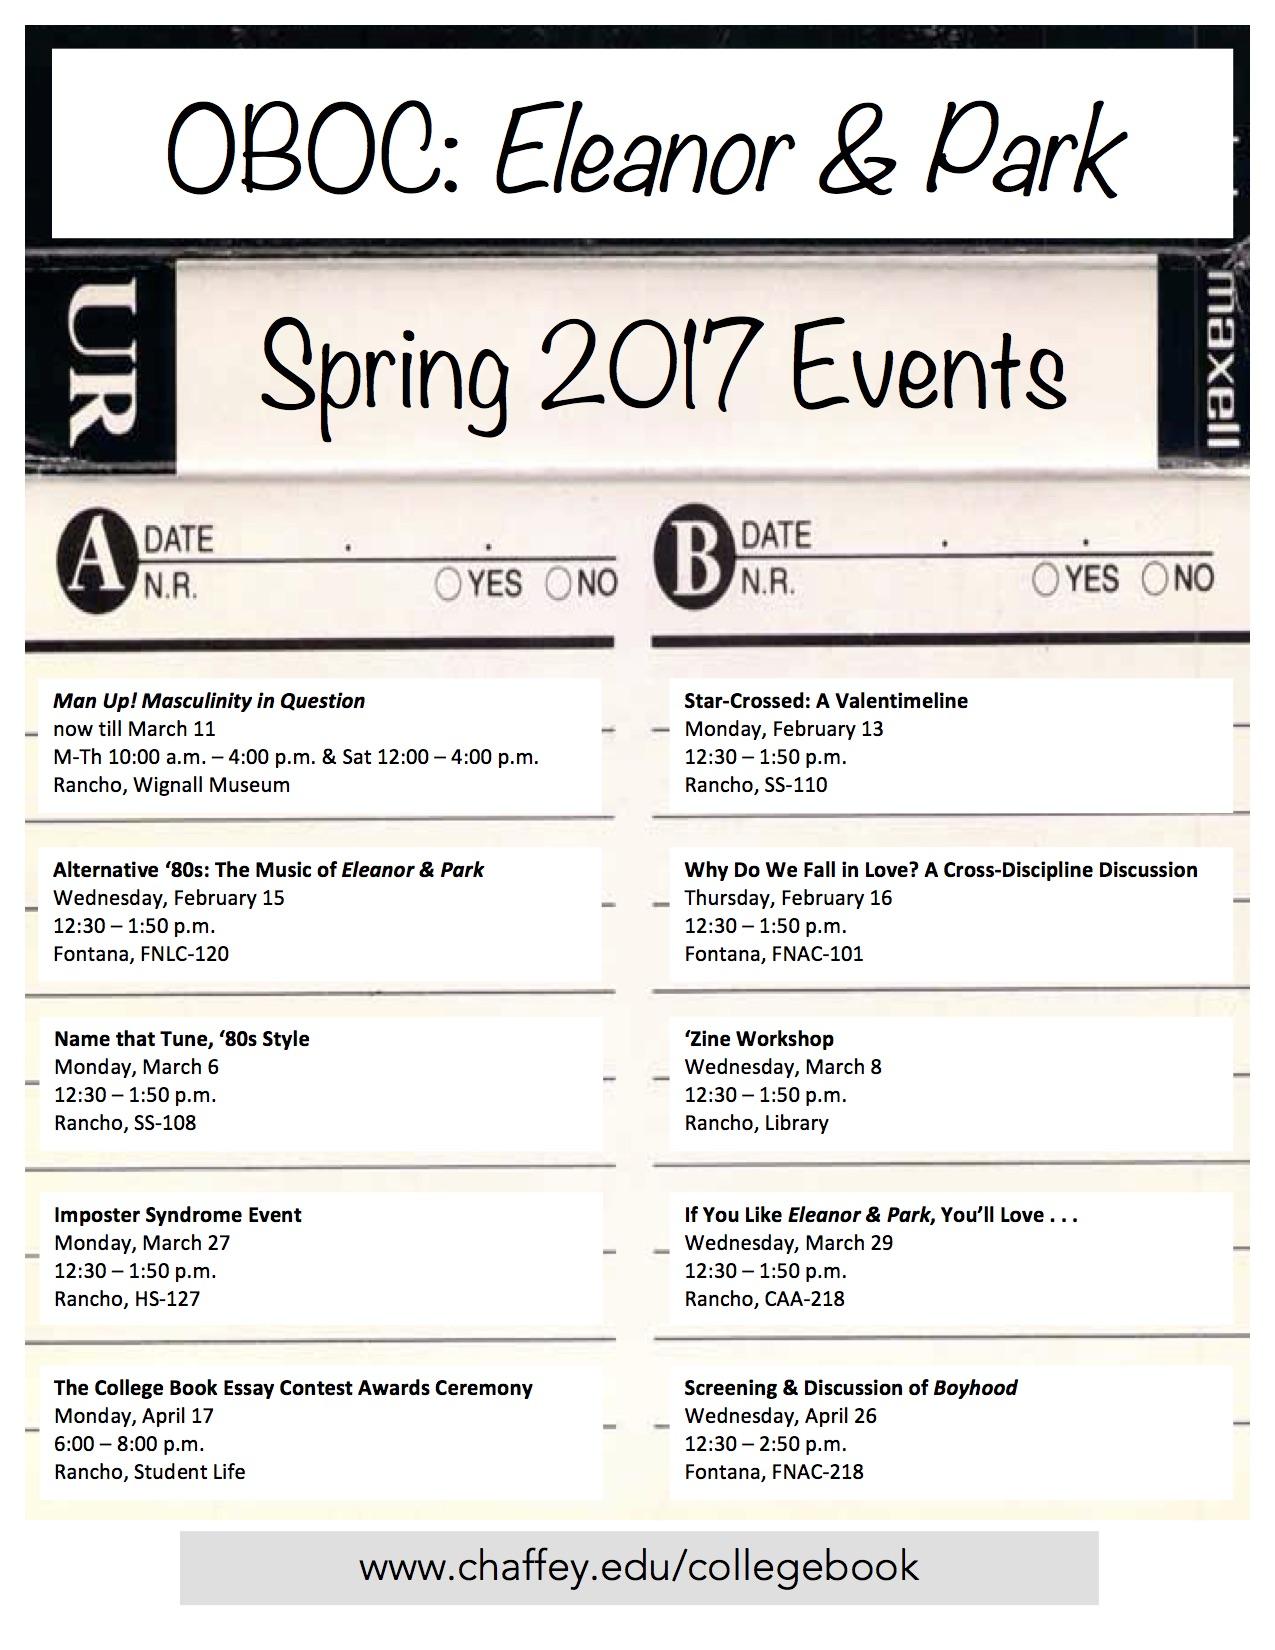 Word Spring 2017: OBOC Events – Spring 2017